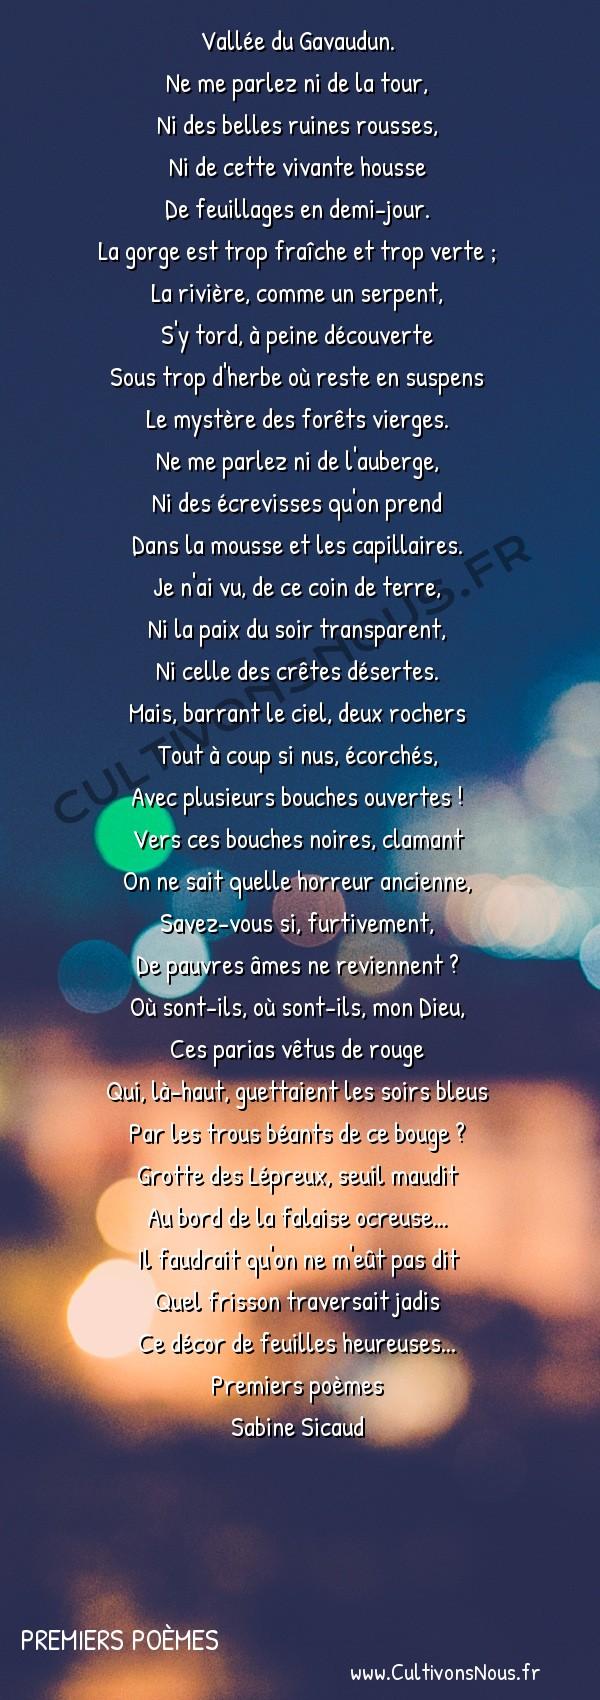 Poésies Sabine Sicaud - Premiers poèmes - La Grotte des Lépreux -  Vallée du Gavaudun. Ne me parlez ni de la tour,